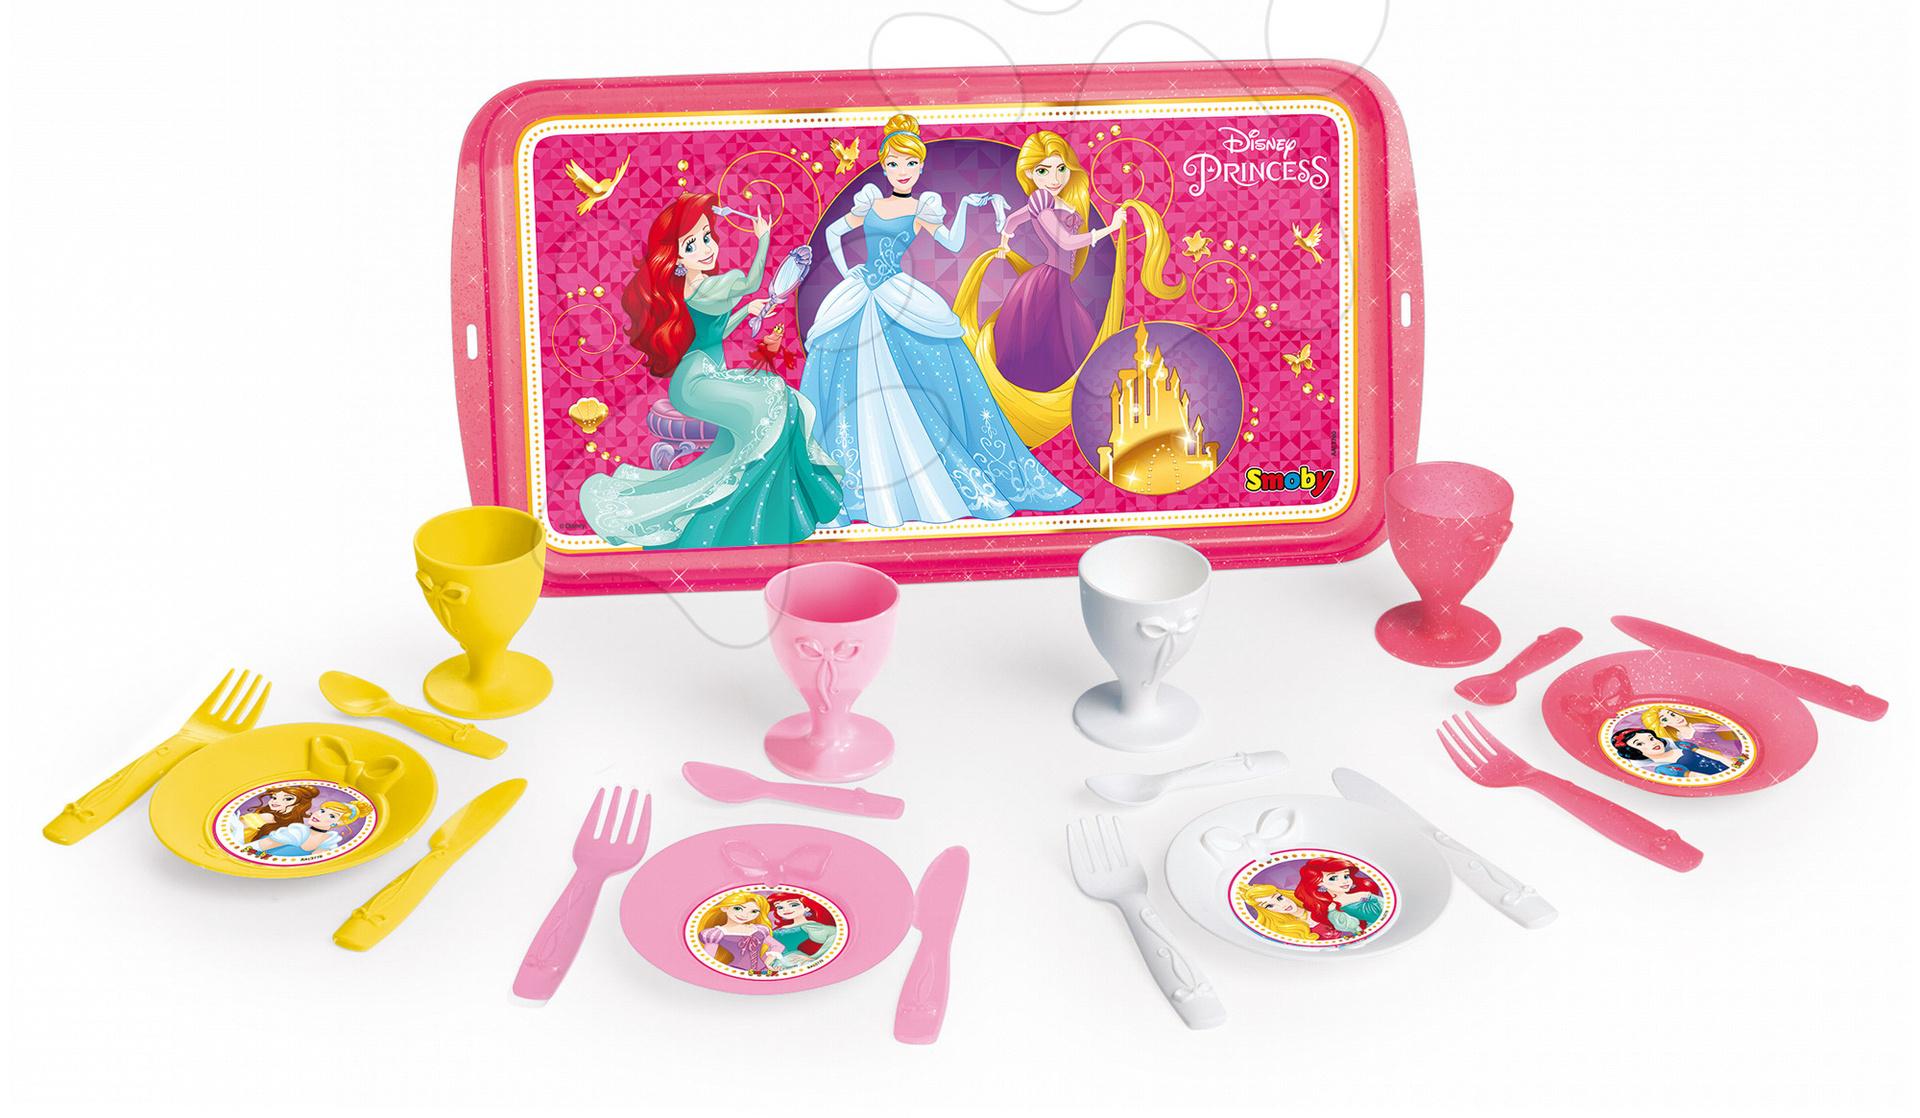 Servírovací tác Disney Princezny Smoby s čajovou soupravou a koláčky 16 kusů